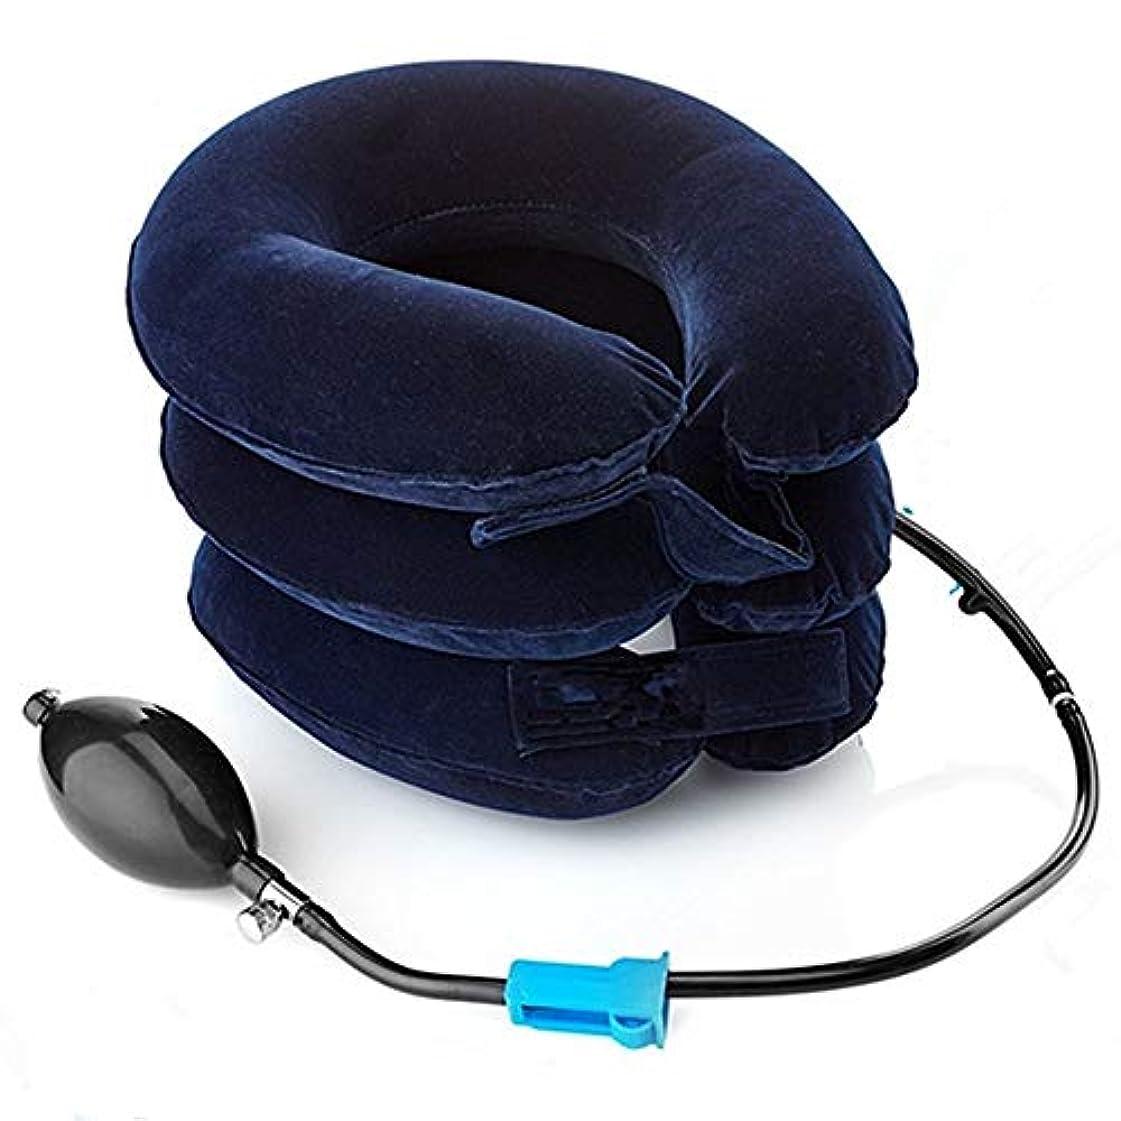 盲目手当不規則性子宮頸管牽引装置FDA登録 - ホームトラクション背骨の整列のためのインフレータブル&調節可能なネックストレッチャーカラー